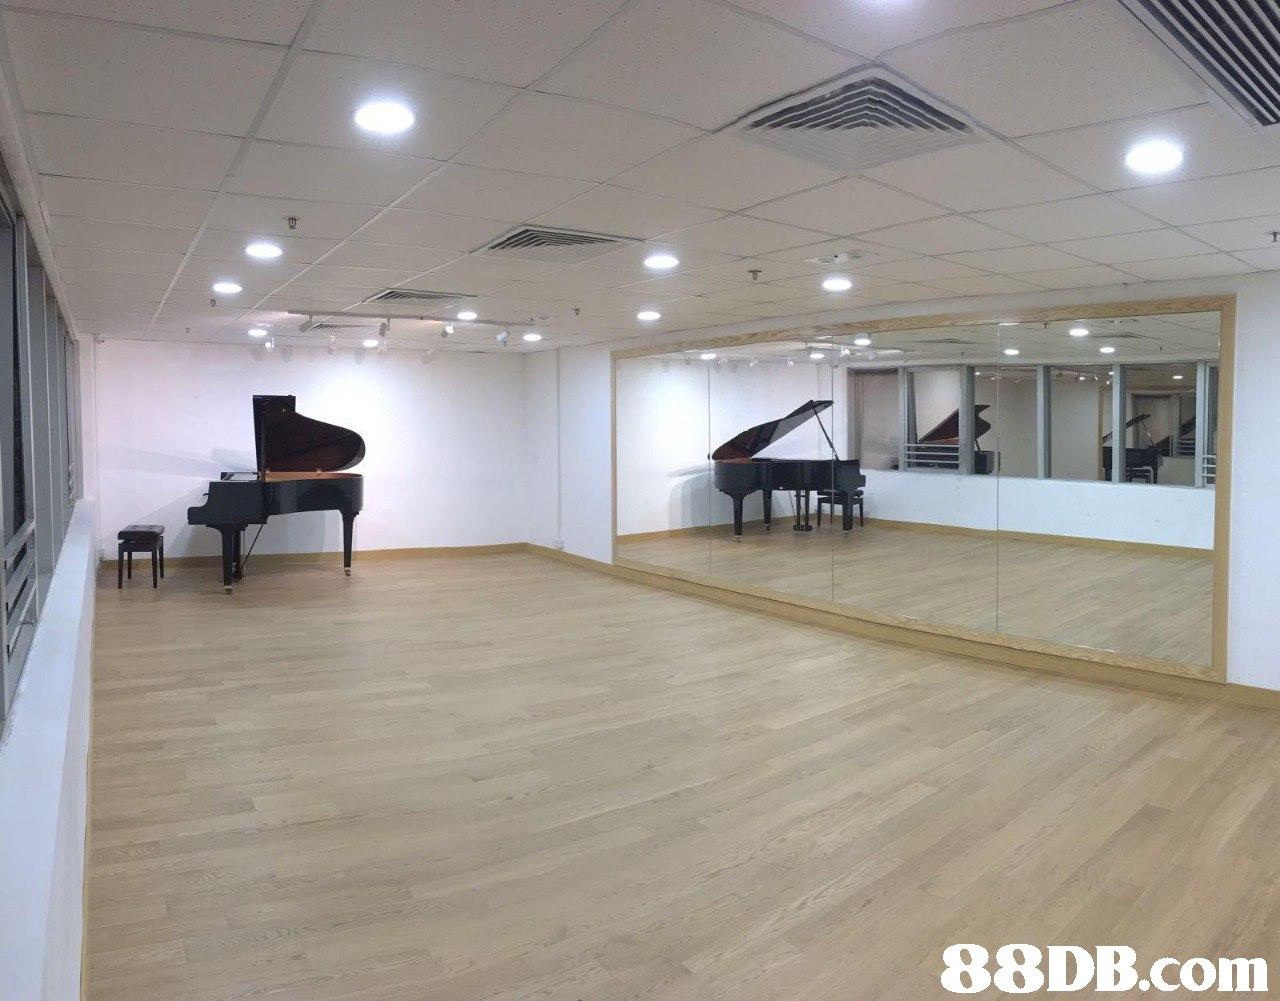 Floor,Property,Flooring,Building,Room